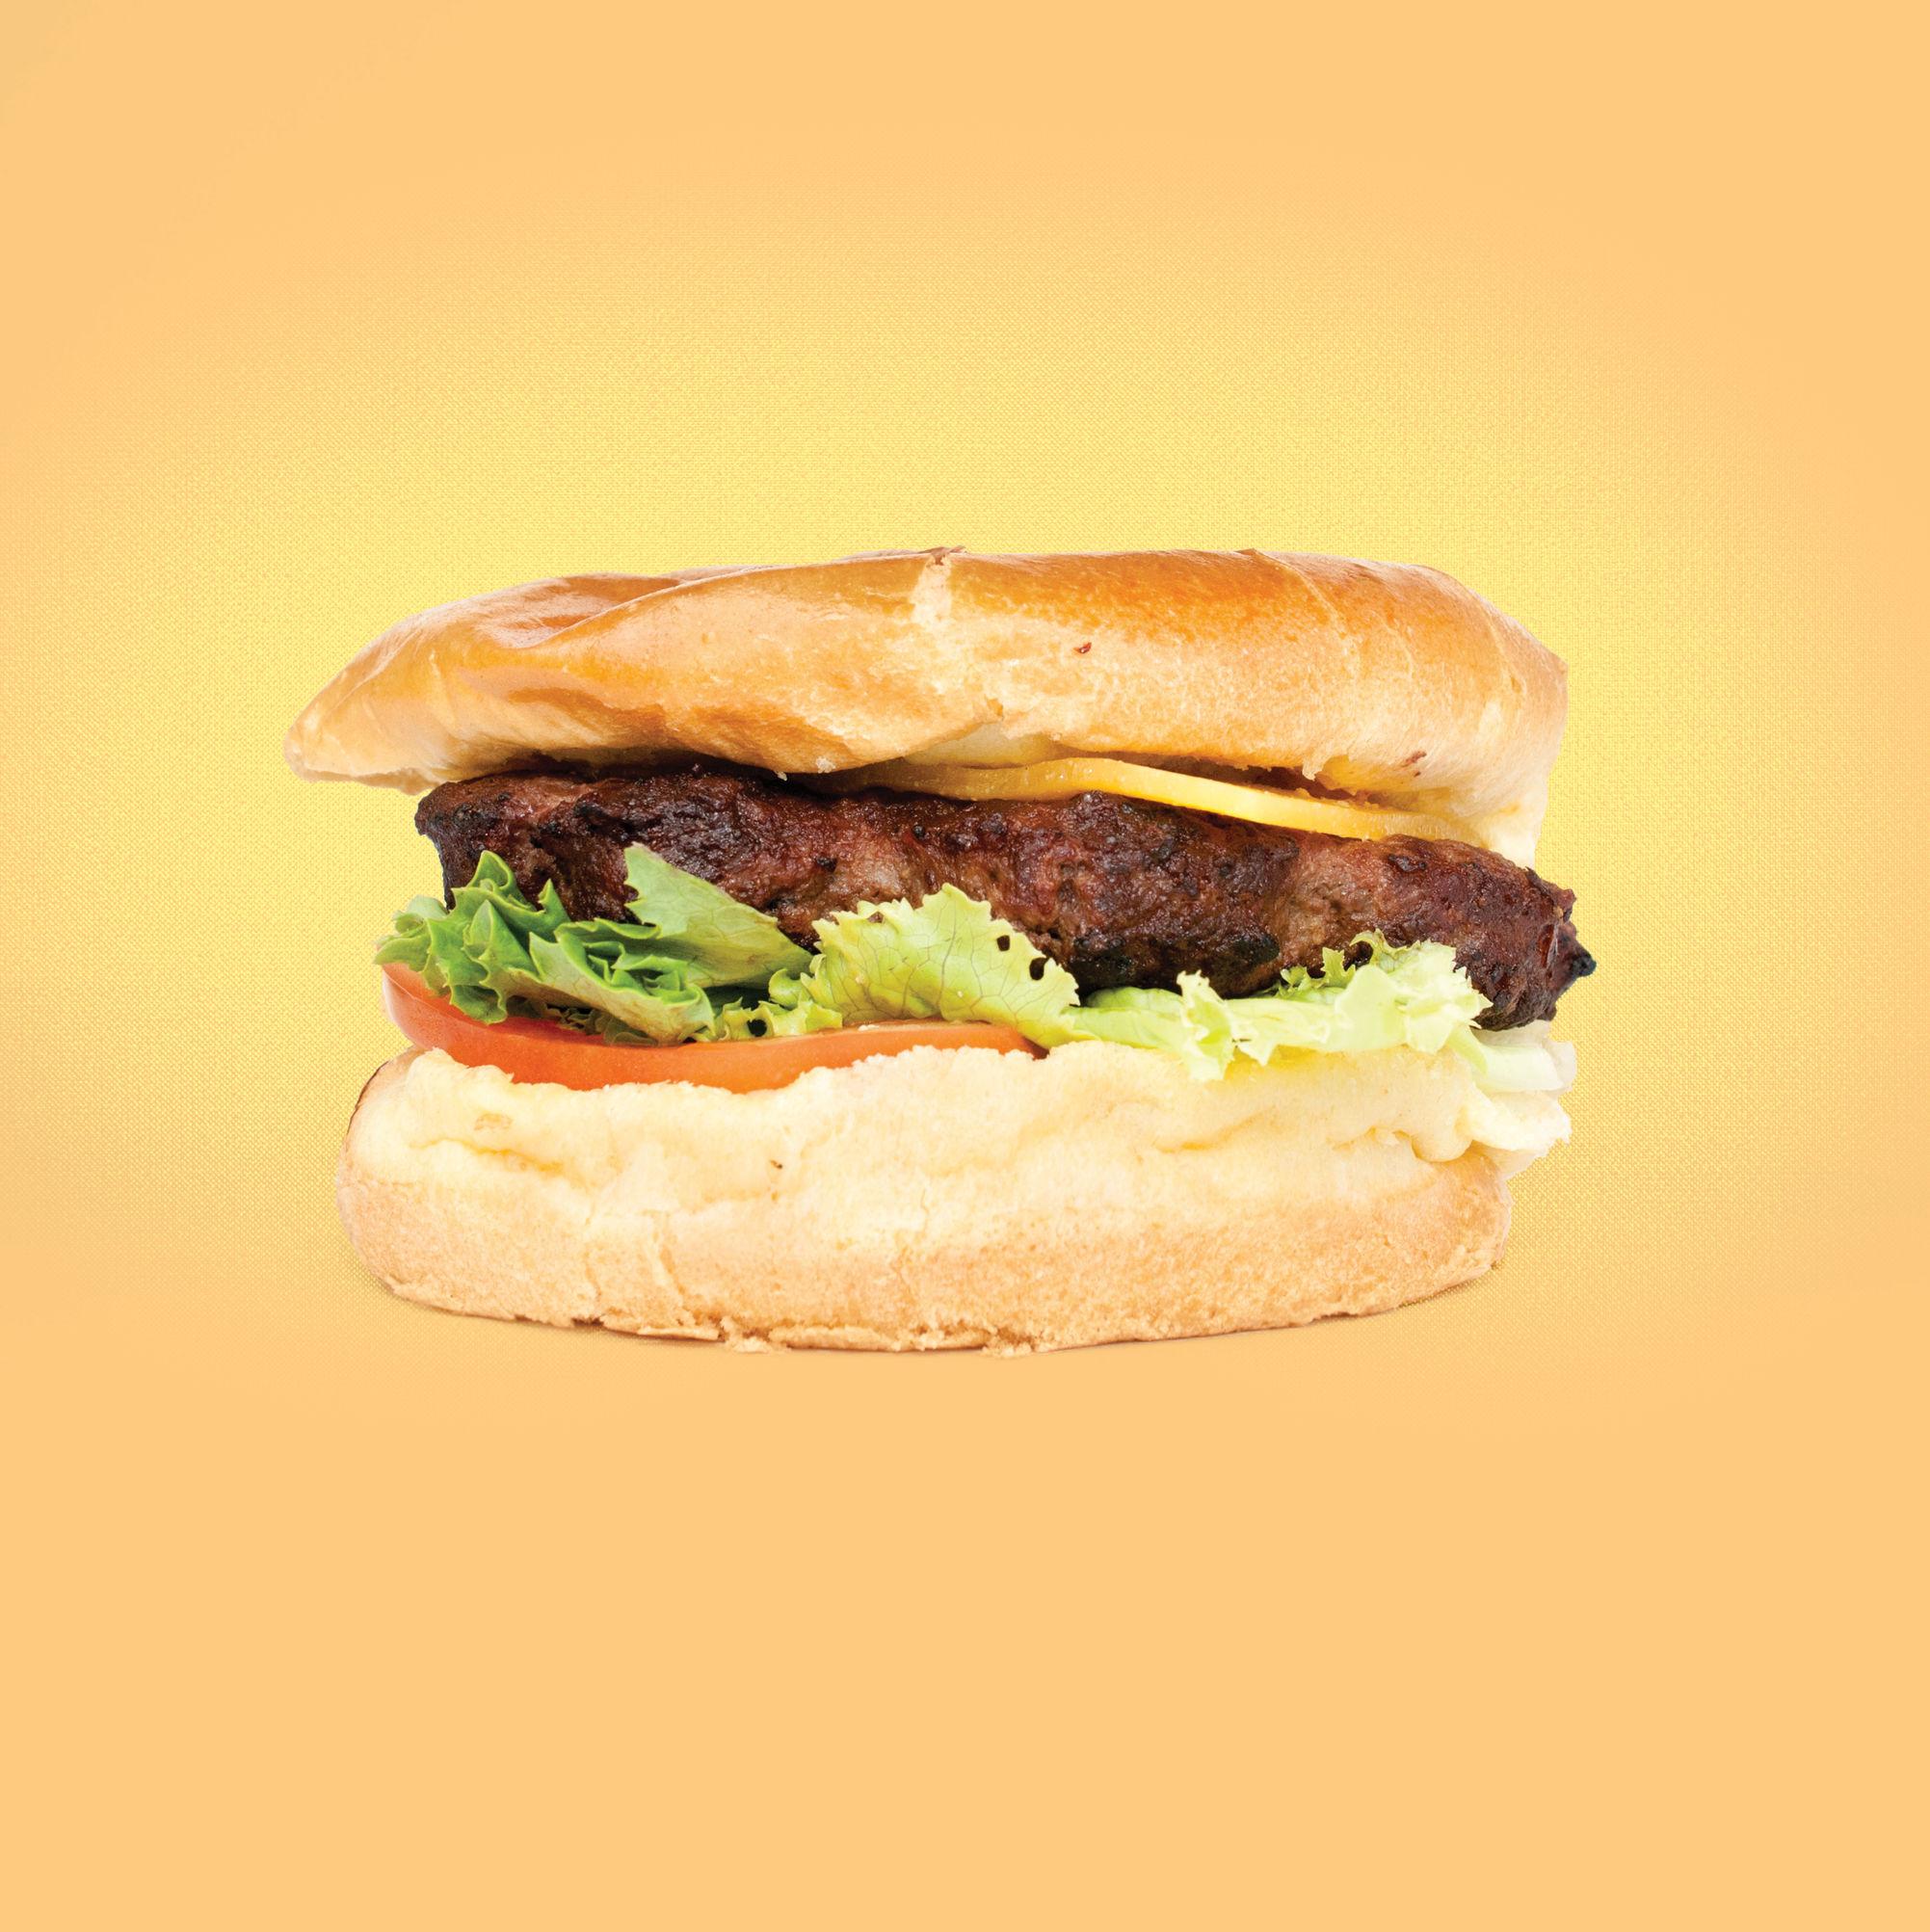 Edited burger qjuxjj